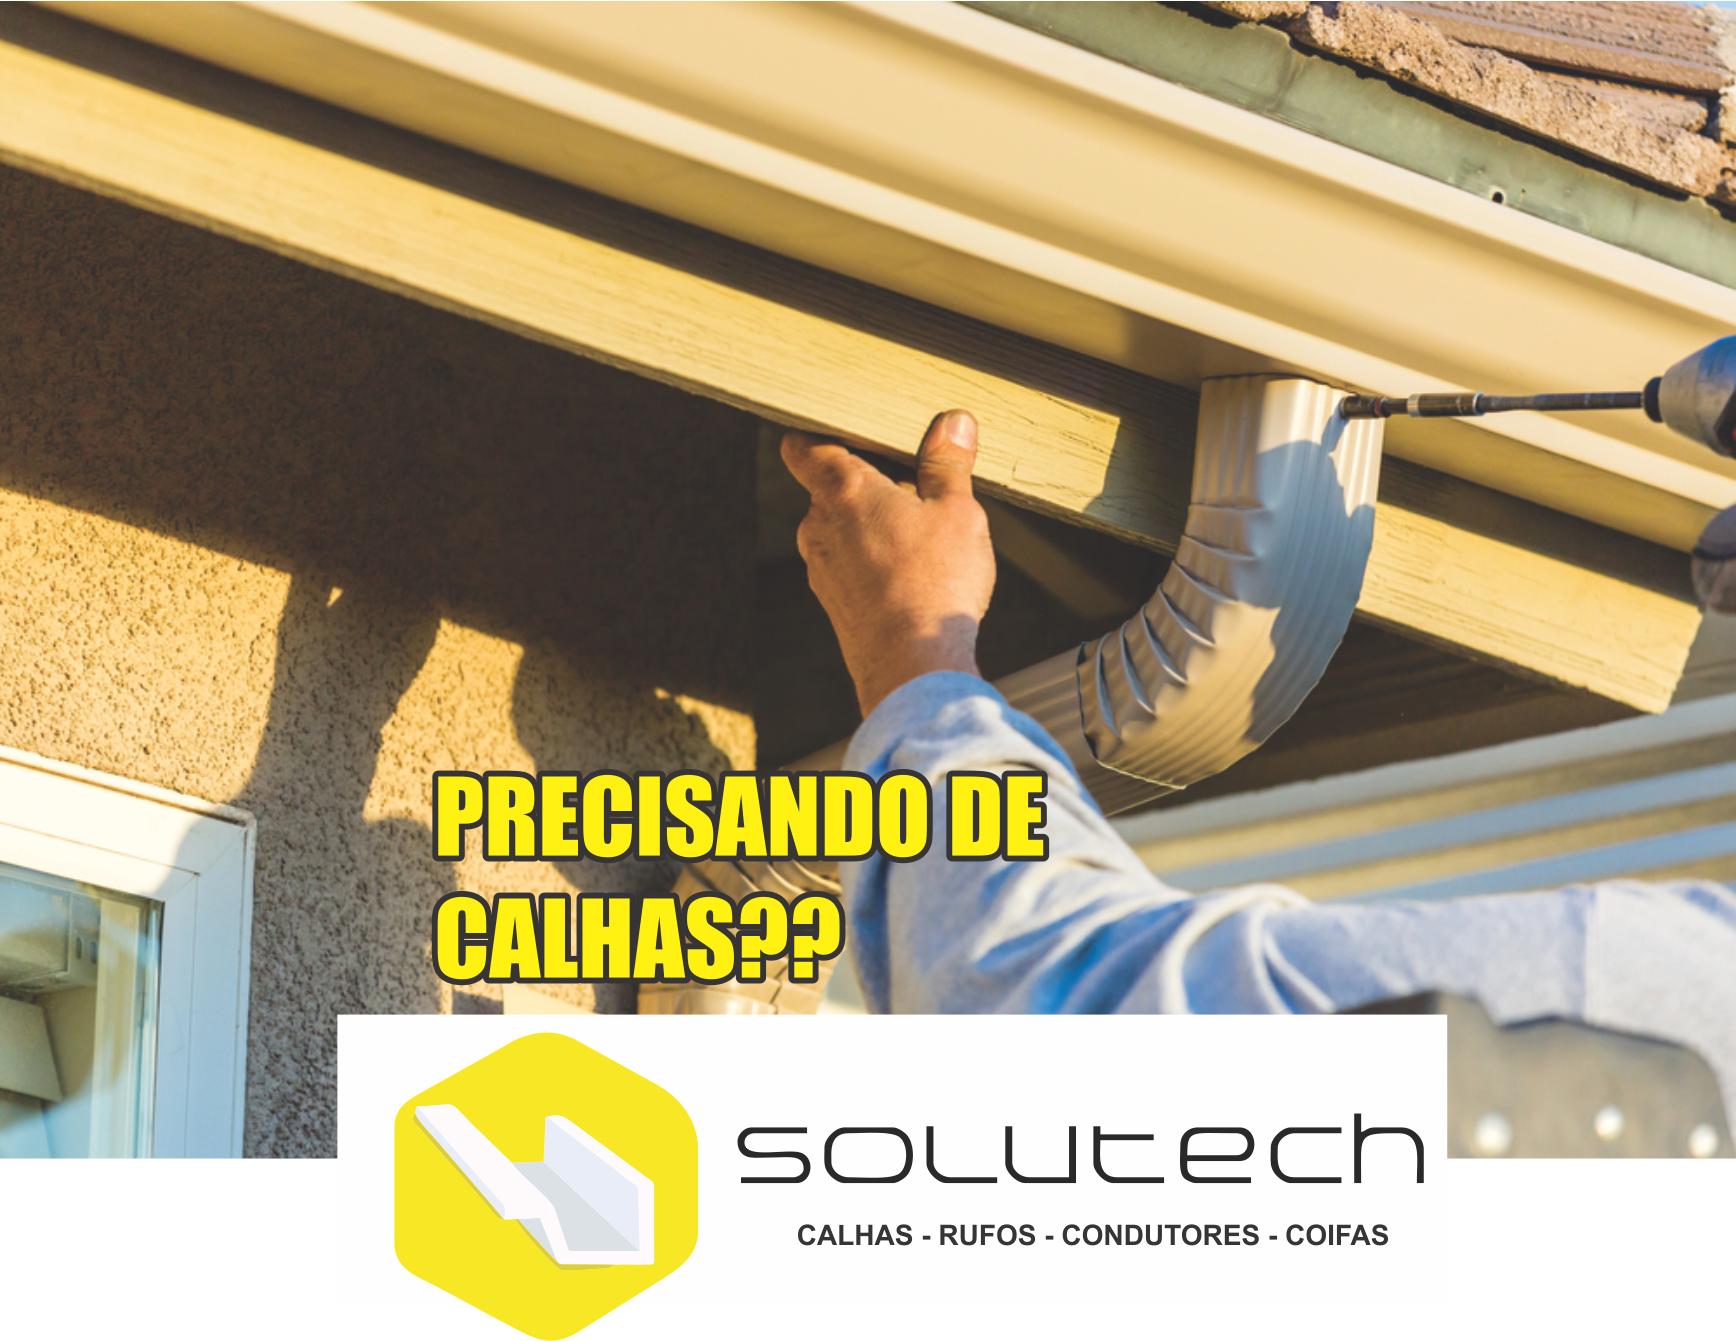 Solutech - Calhas - Rufos - Condutores - Coifas      Fones: (41)3348-2256 / (41) 99757-6776